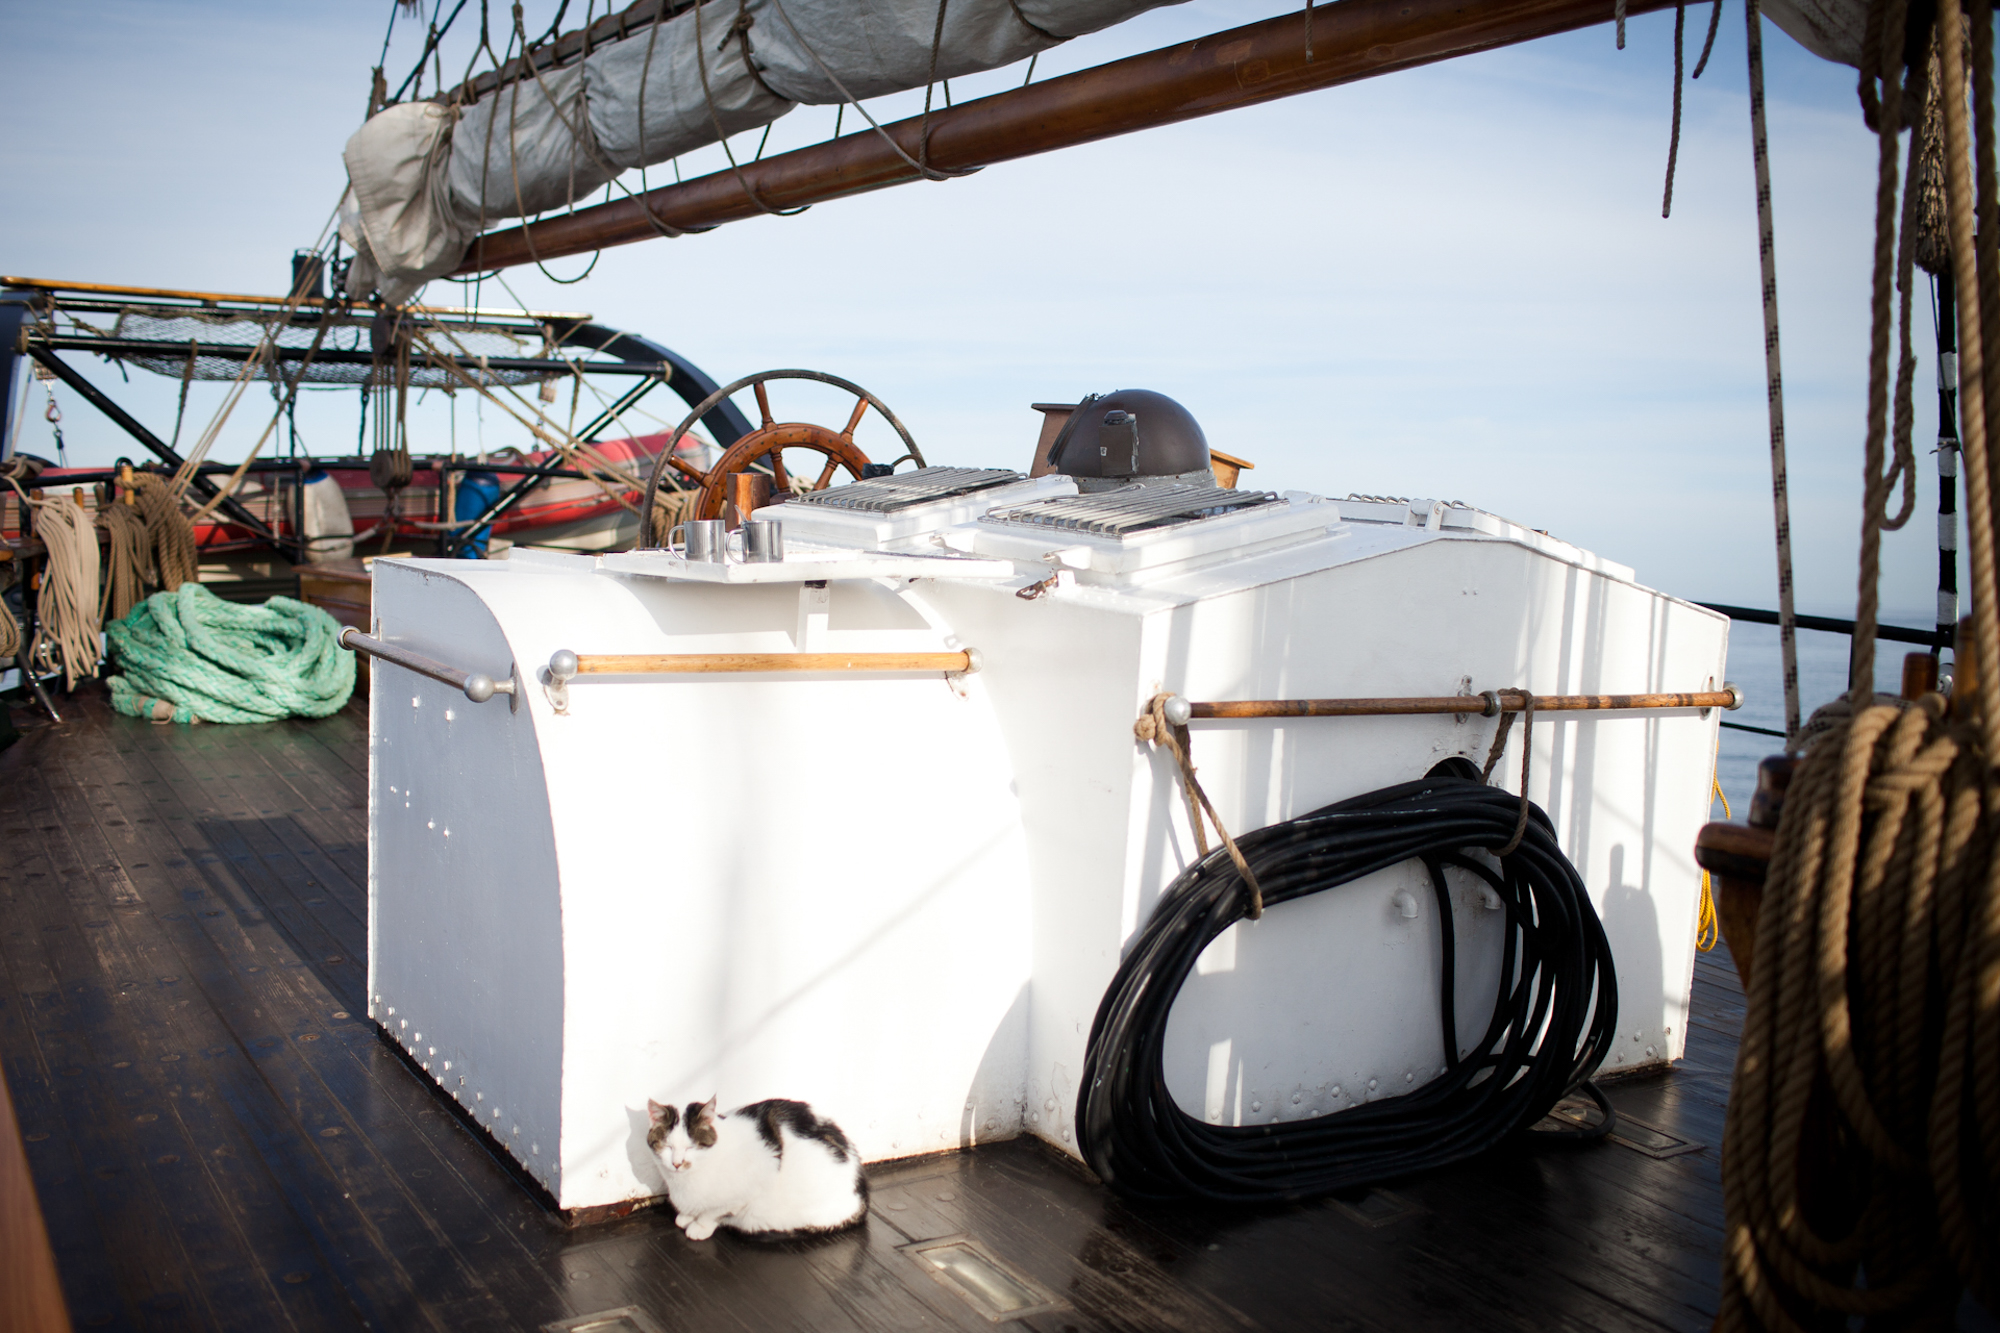 Die Katze gehoert zum Inventar des Schiffes. Sie befindet sich auf dem Bild am Achterdeck des Schiffes. Charlotte Strauss auf dem Schiff Fridjof Nanson wo sie ihren Ausbildungsturn om 31. 7 bis 5. 8 absolviert. Fotograf: Evi Lemberger